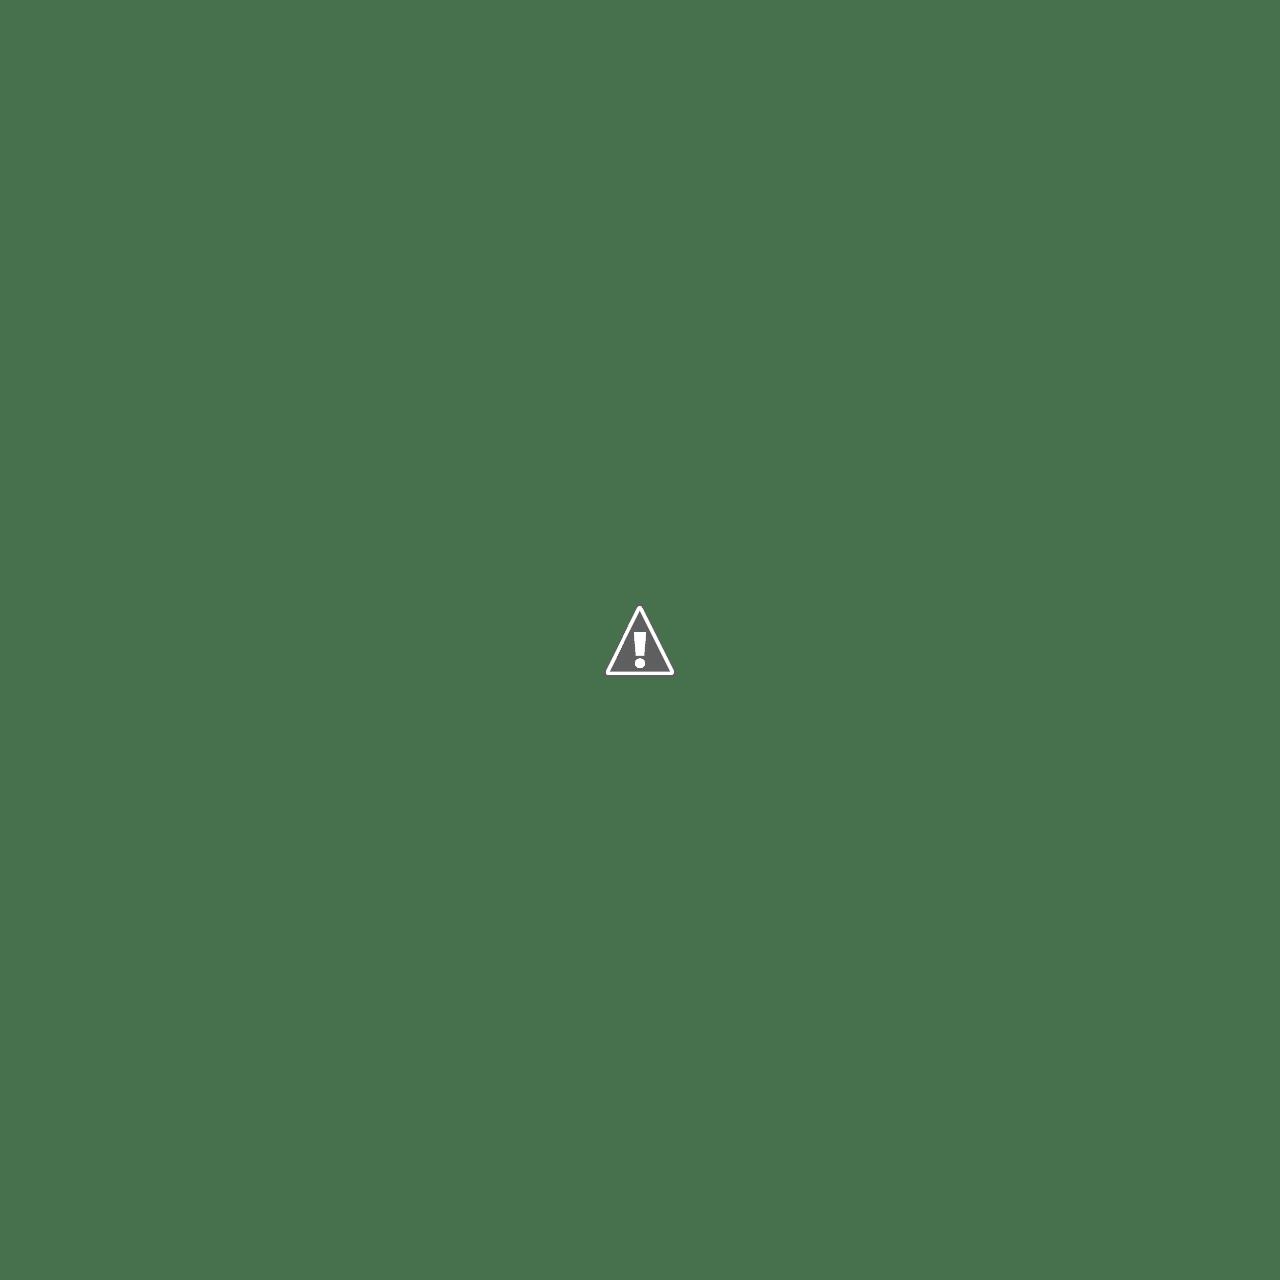 Shooks junking i buy junk cars - call shooks family owned fast ...